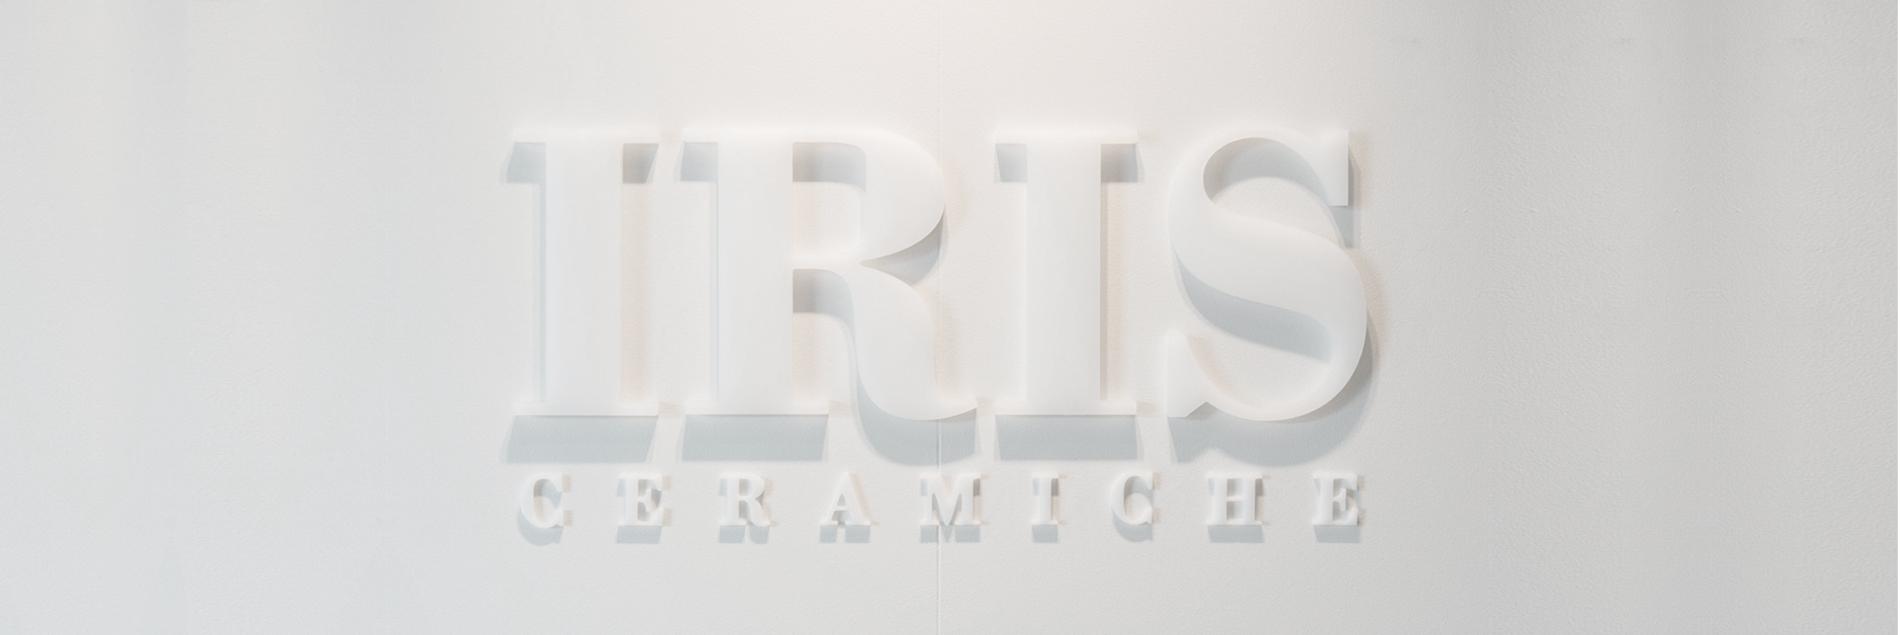 iris—-